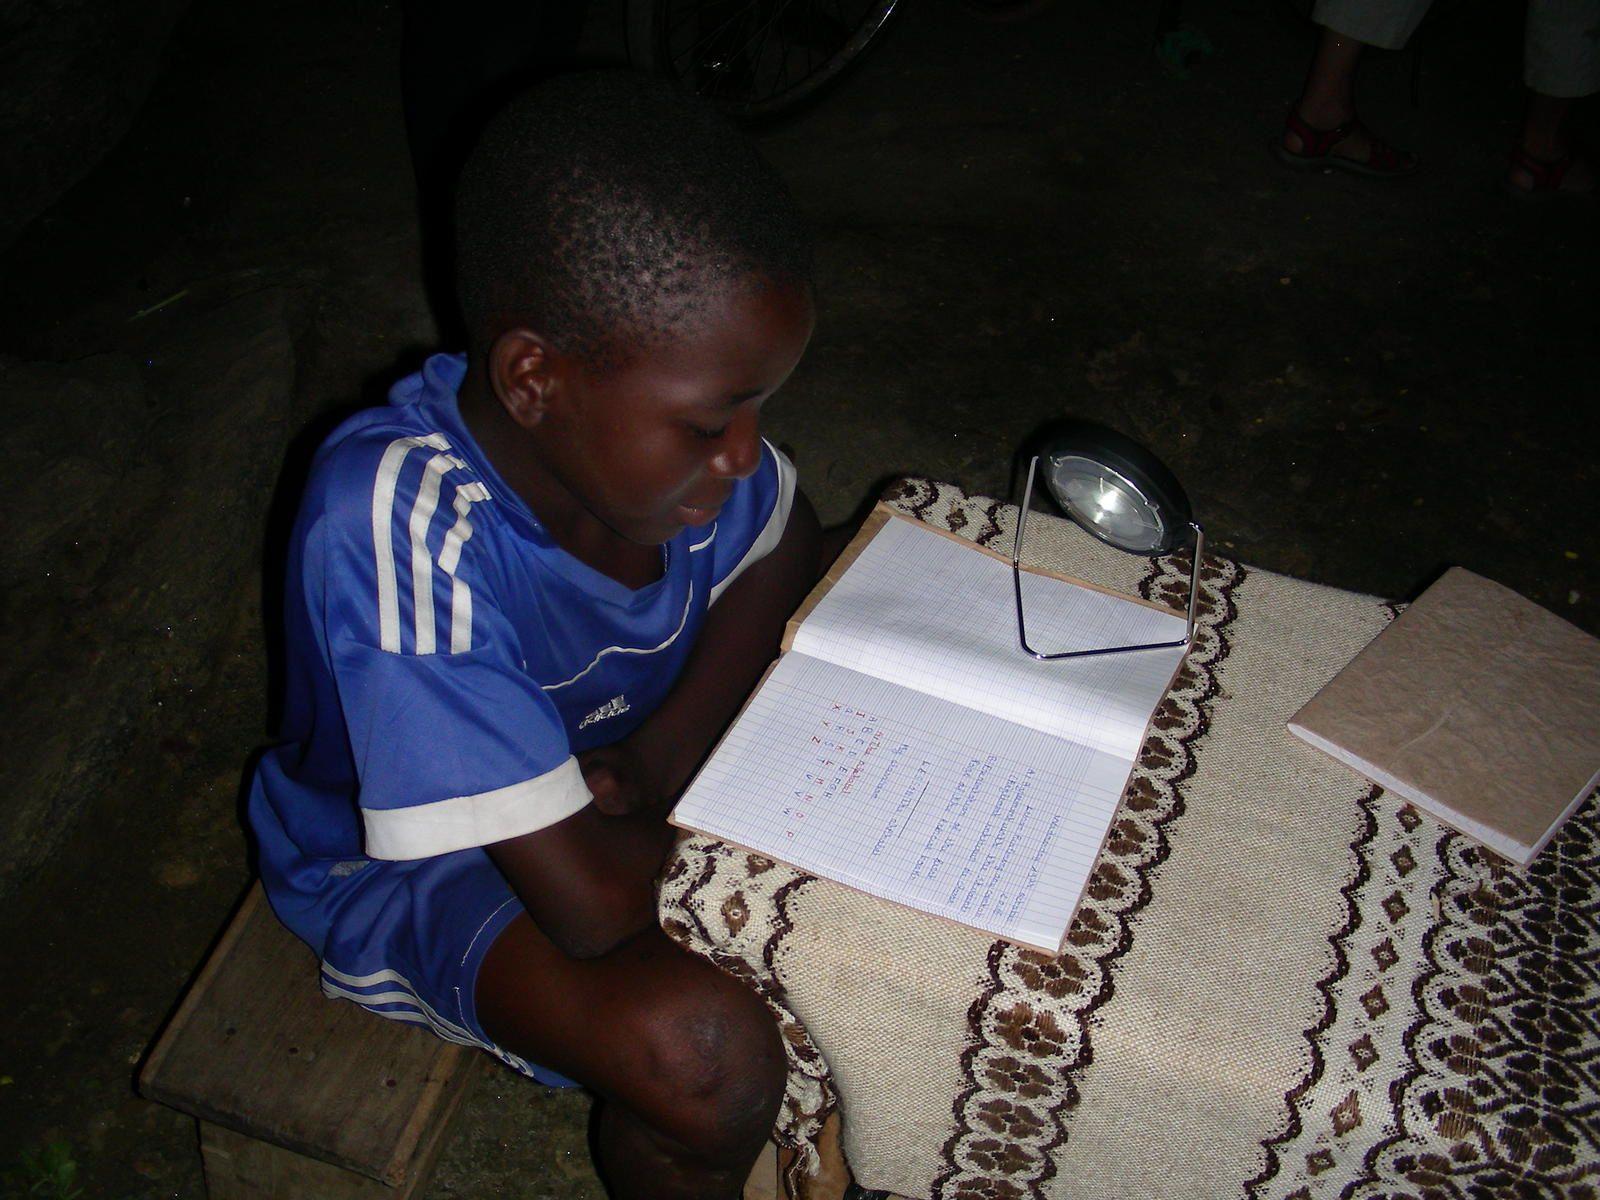 élève travaillant grâce à sa lampe solaire